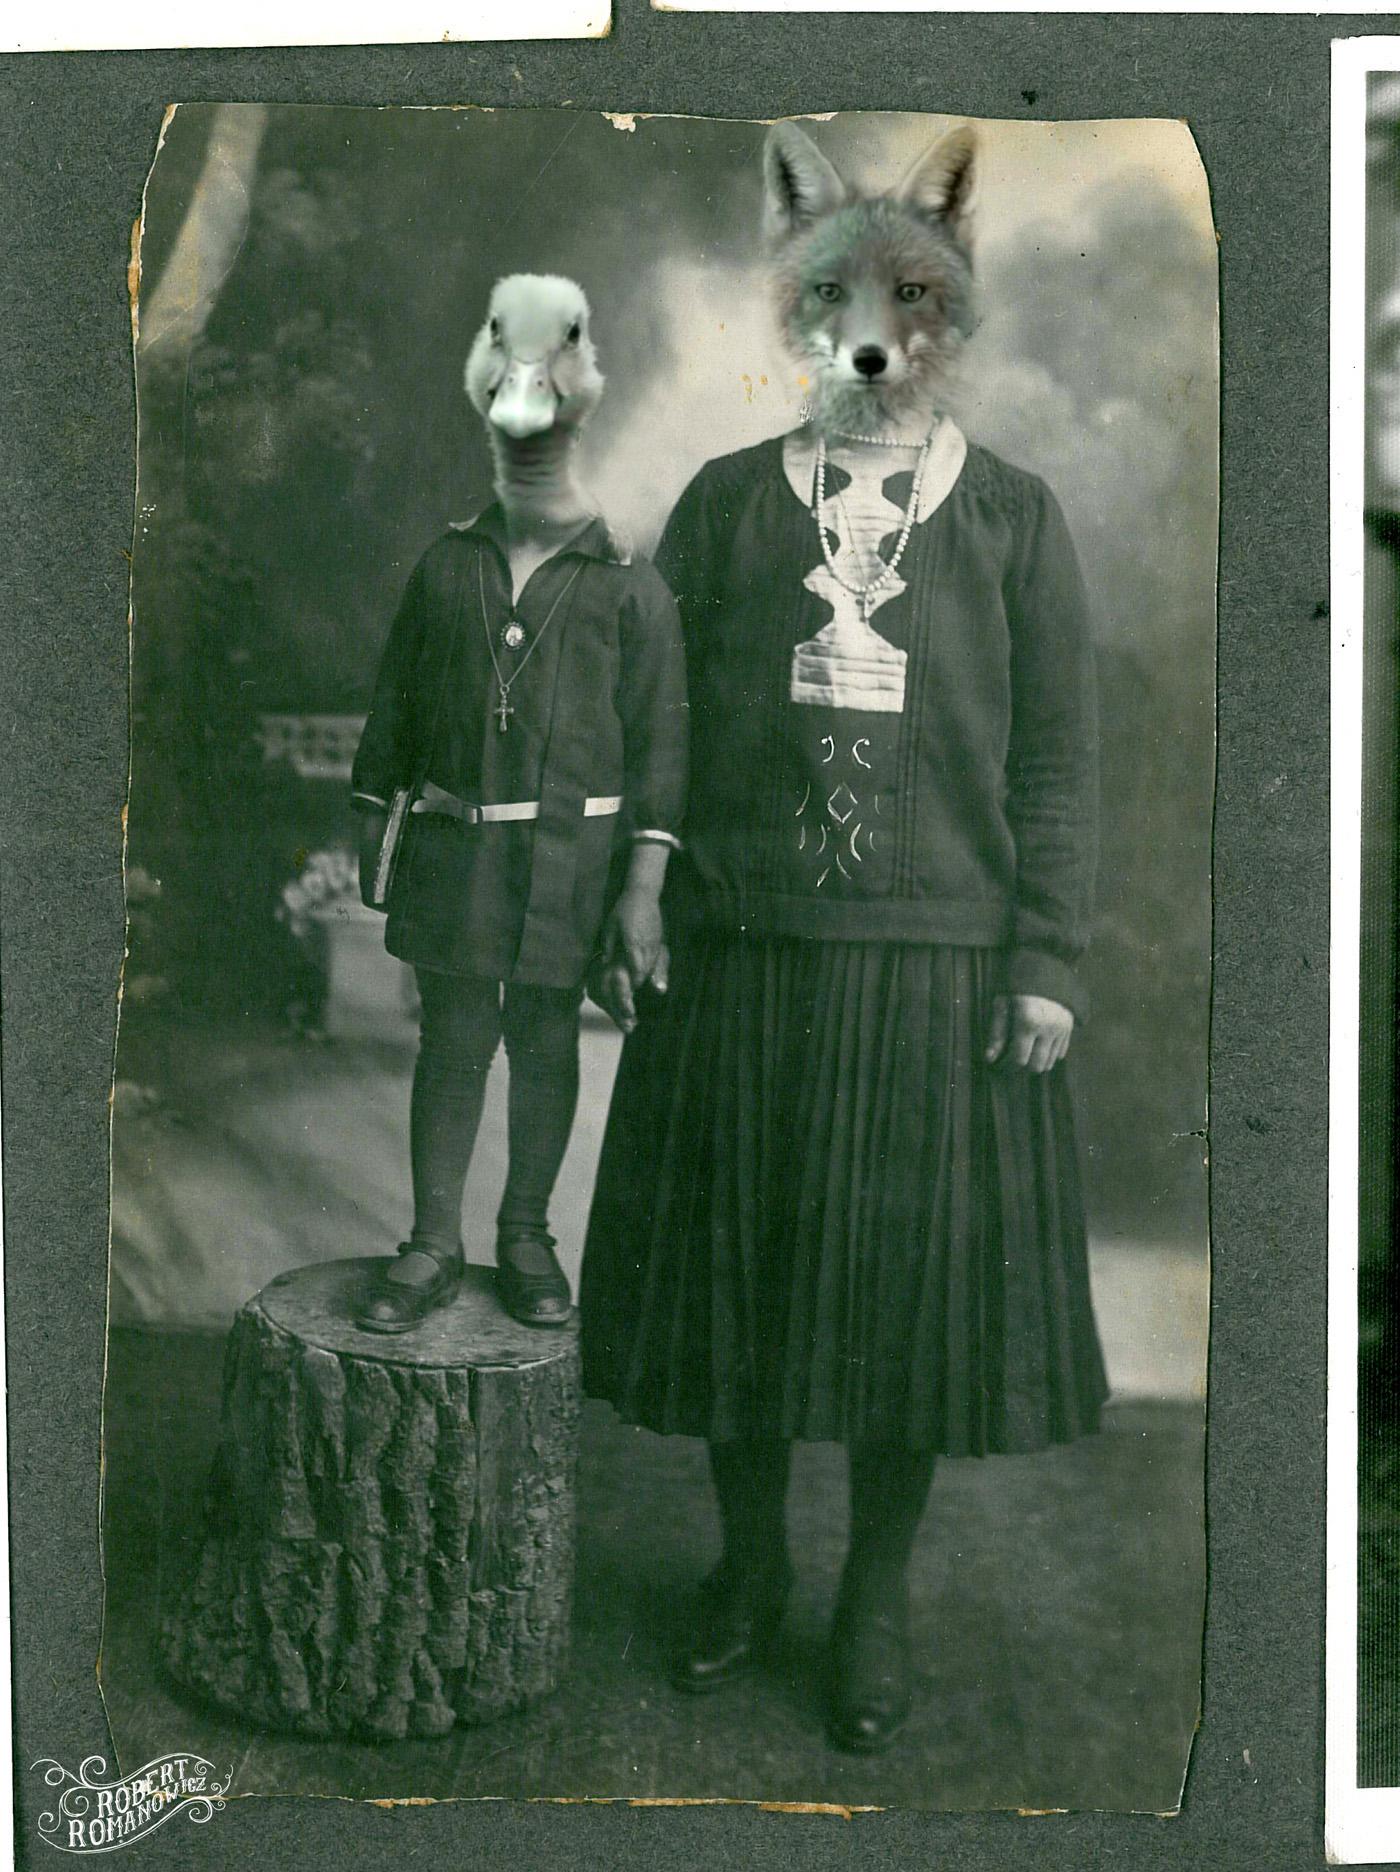 Fotografii vechi modificate într-un mod umoristic de Robert Romanowicz